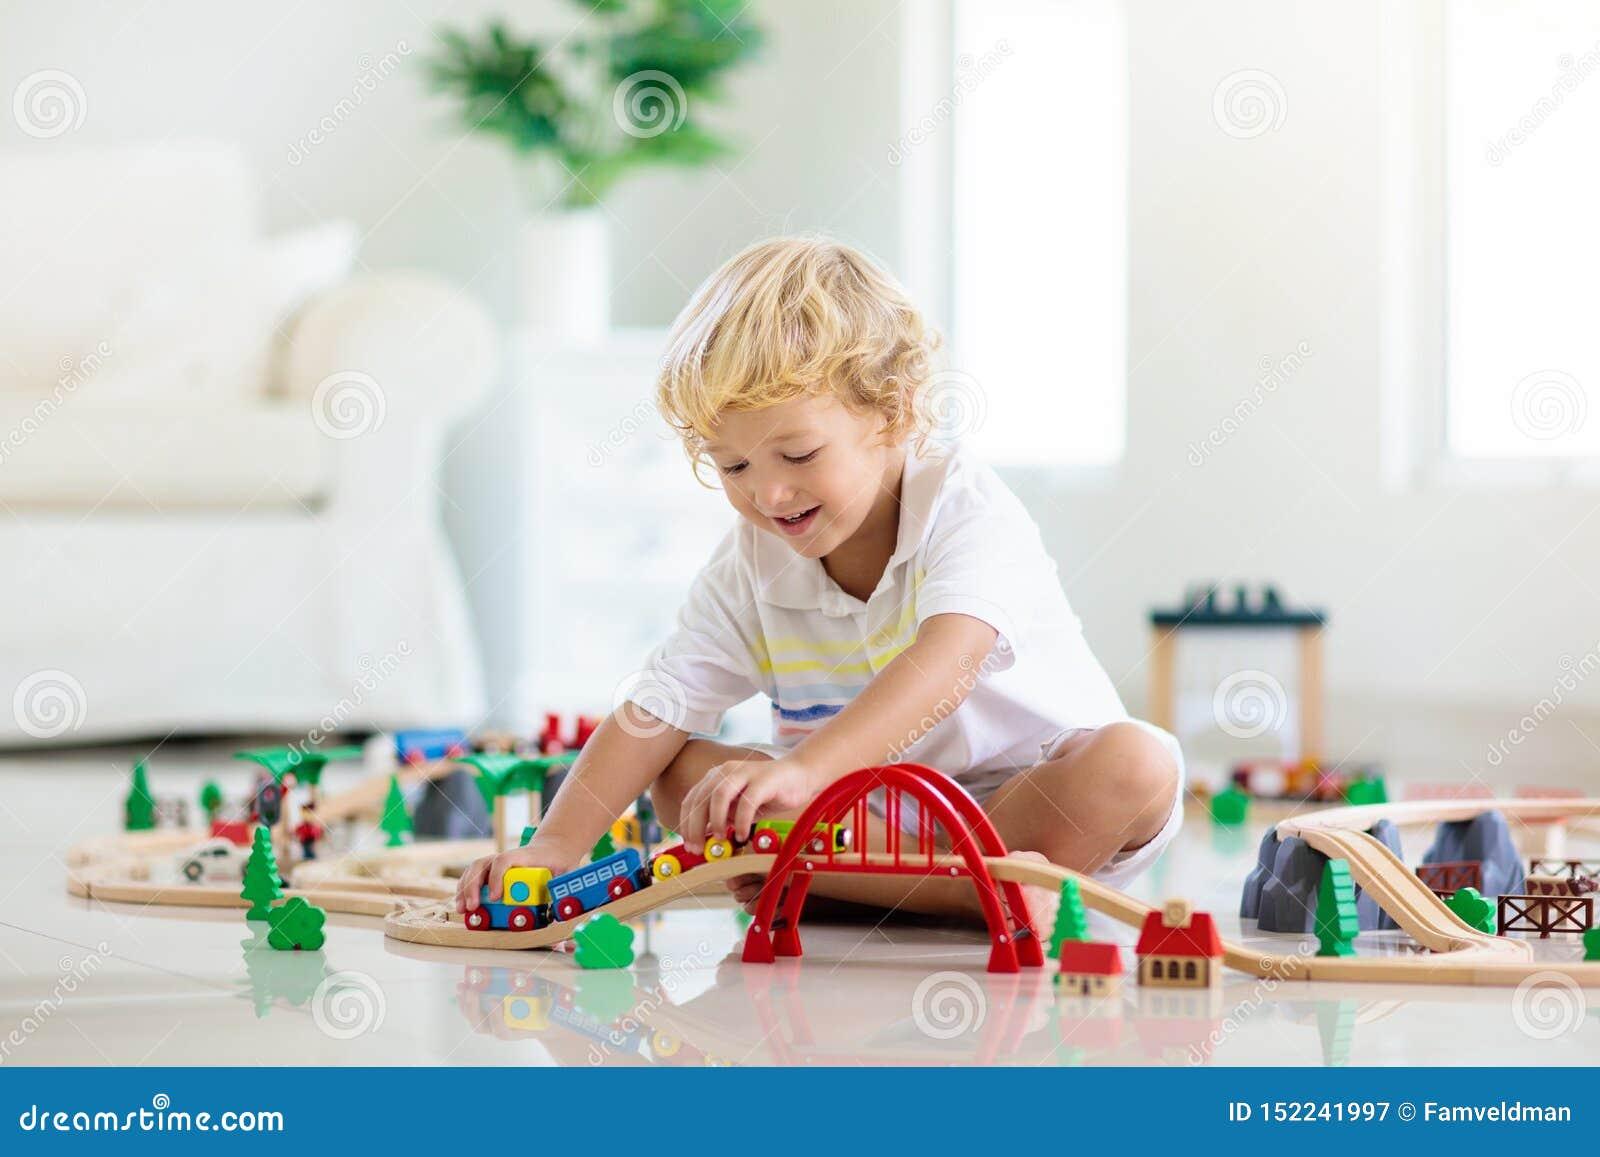 Дети играют деревянную железную дорогу Ребенок с поездом игрушки